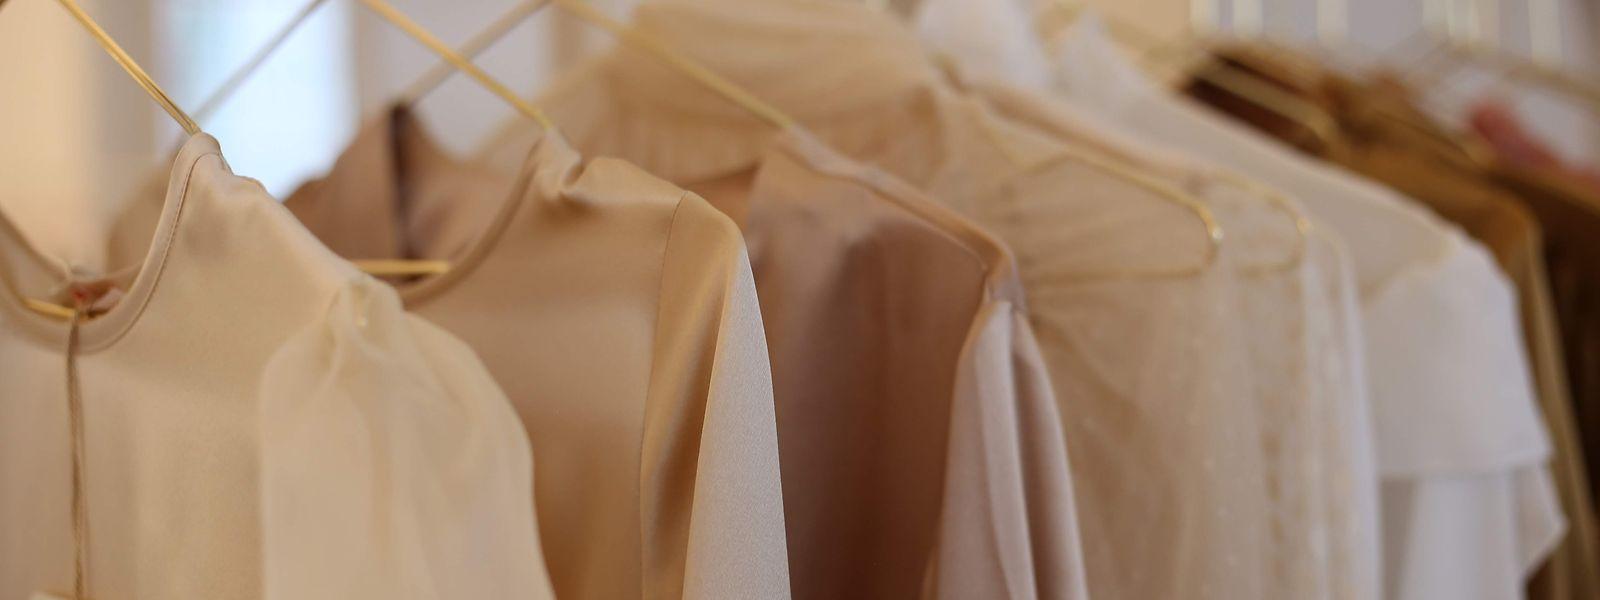 Myriam Assebane wünscht sich, dass Kunden wieder ein Bewusstsein für den wahren Wert von Kleidung entwickeln.